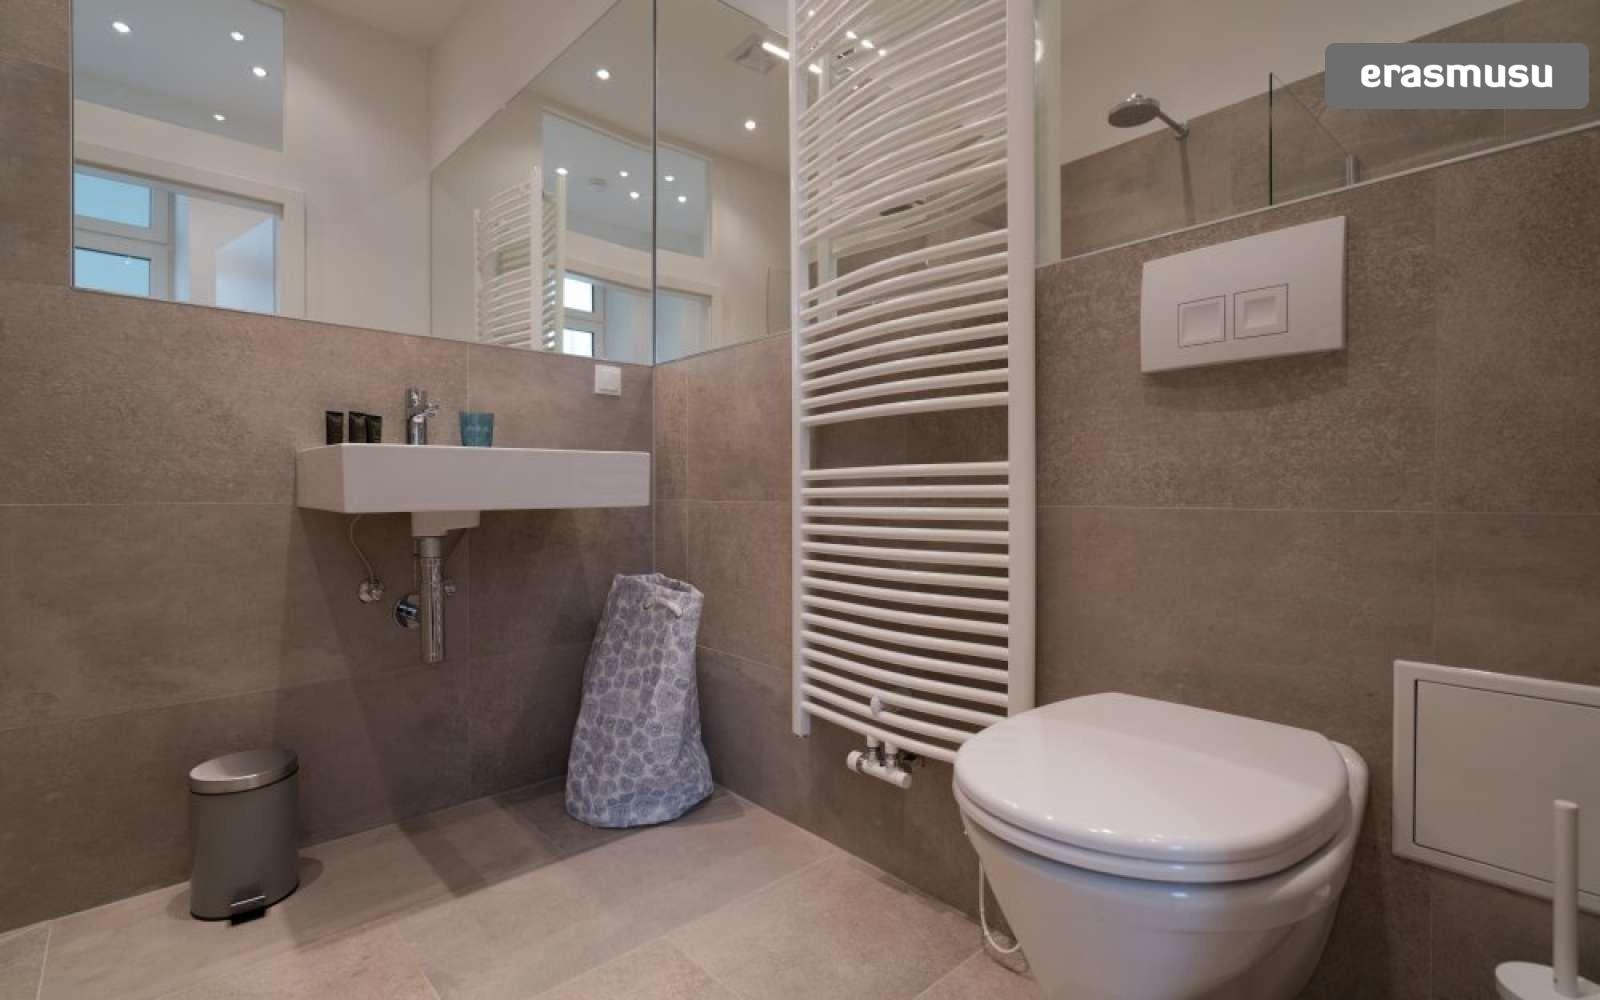 studio-apartment-rent-landstrase-c810491e87894cd34cbcba3887b2c86